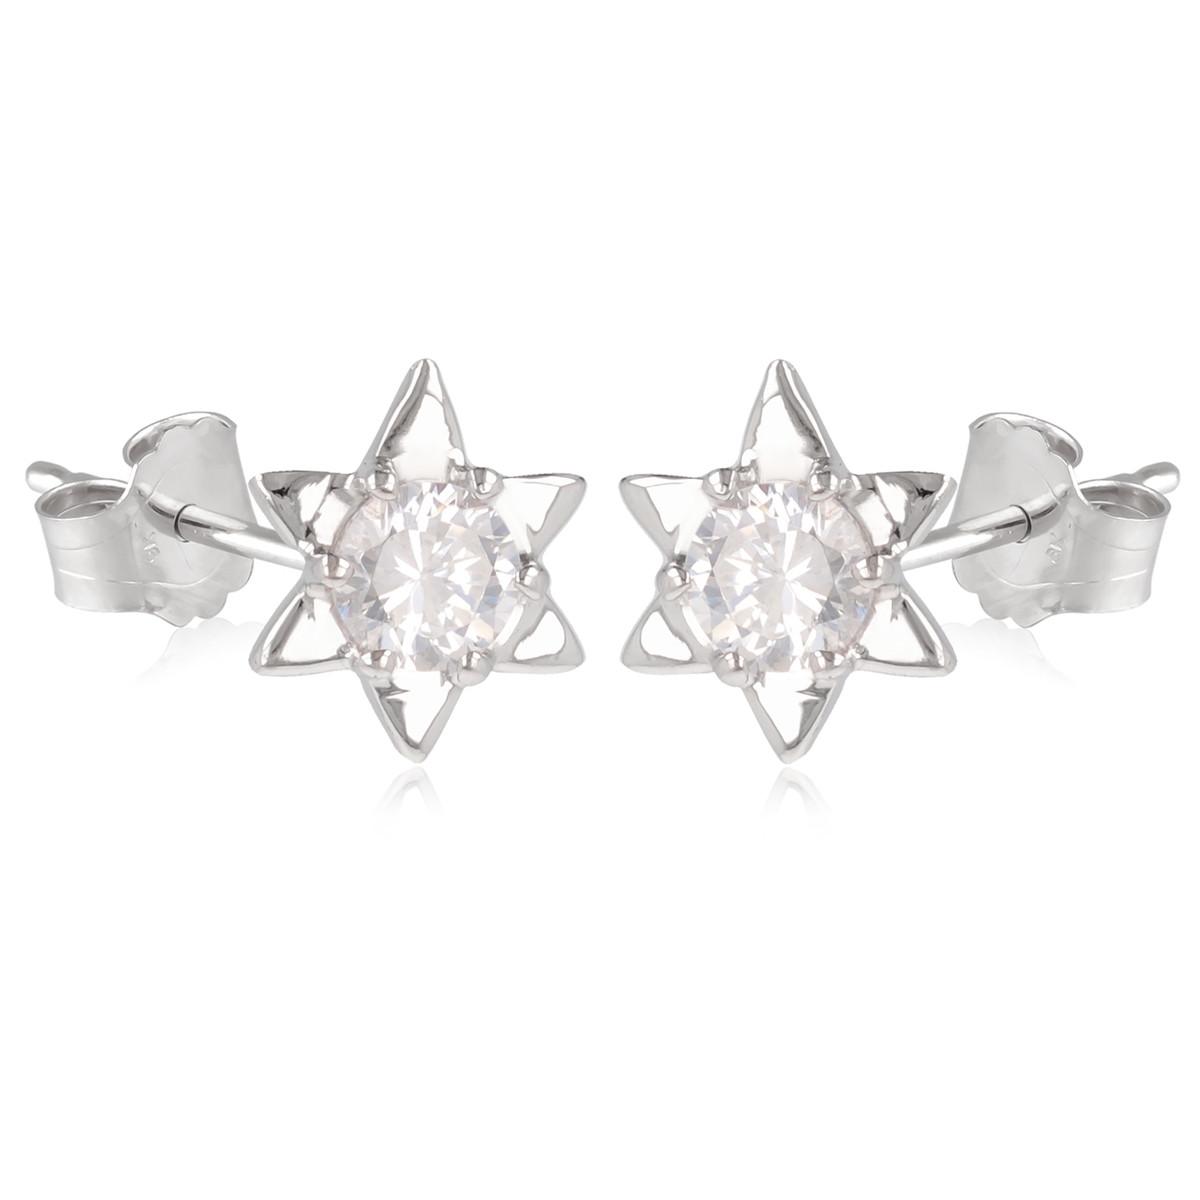 Jolies Boucles d/'Oreilles pour trous,Triangles métal coul argent,sans nickel